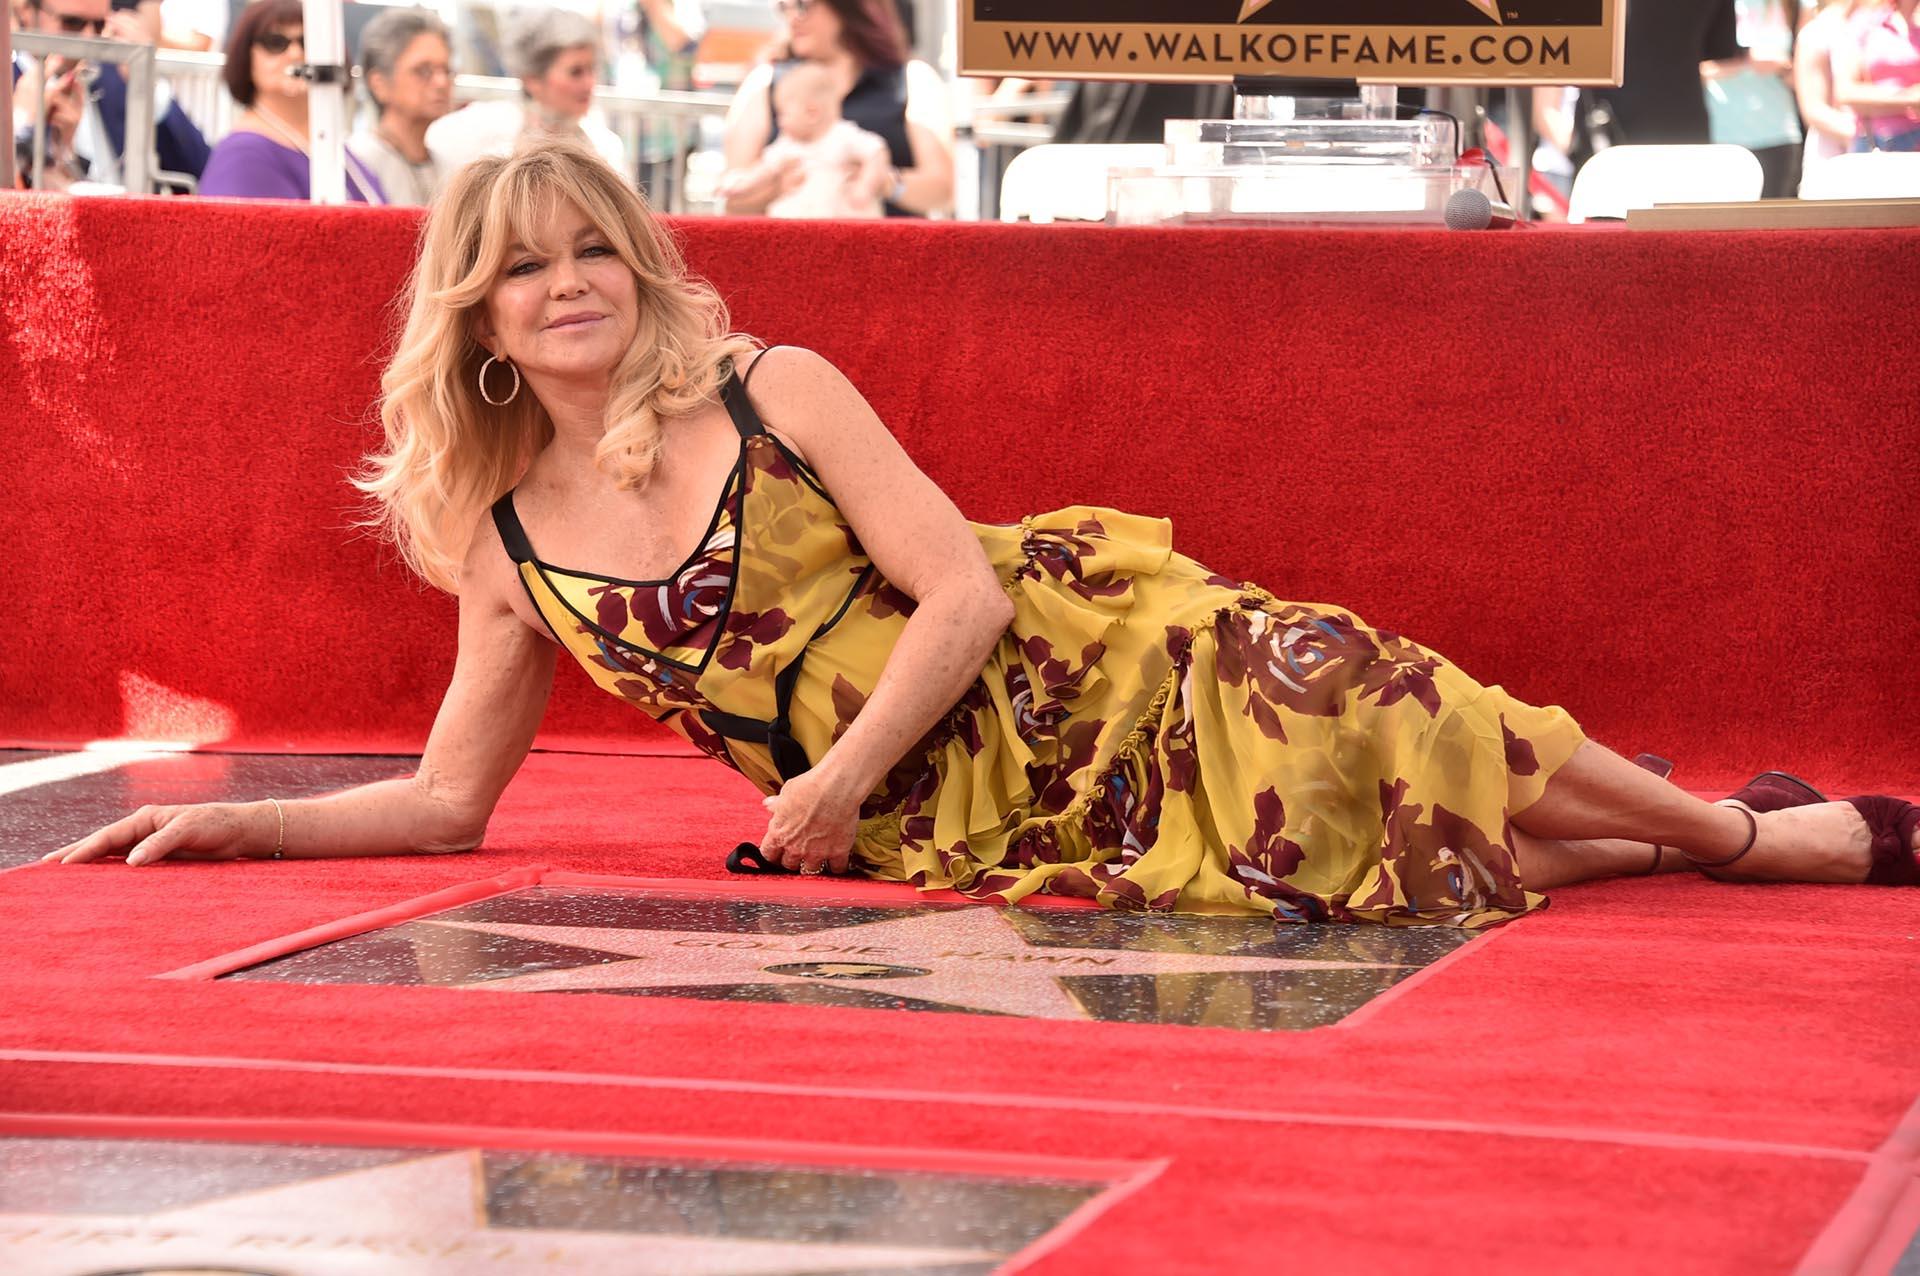 """""""Todo lo que hacemos en nuestras vidas, al decir sí, nos puede llevar a esa estrella"""", expresó Goldie en referencia a la comunidad de actores, mientras señalaba su galardón en la avenida Hollywood Boulevard"""